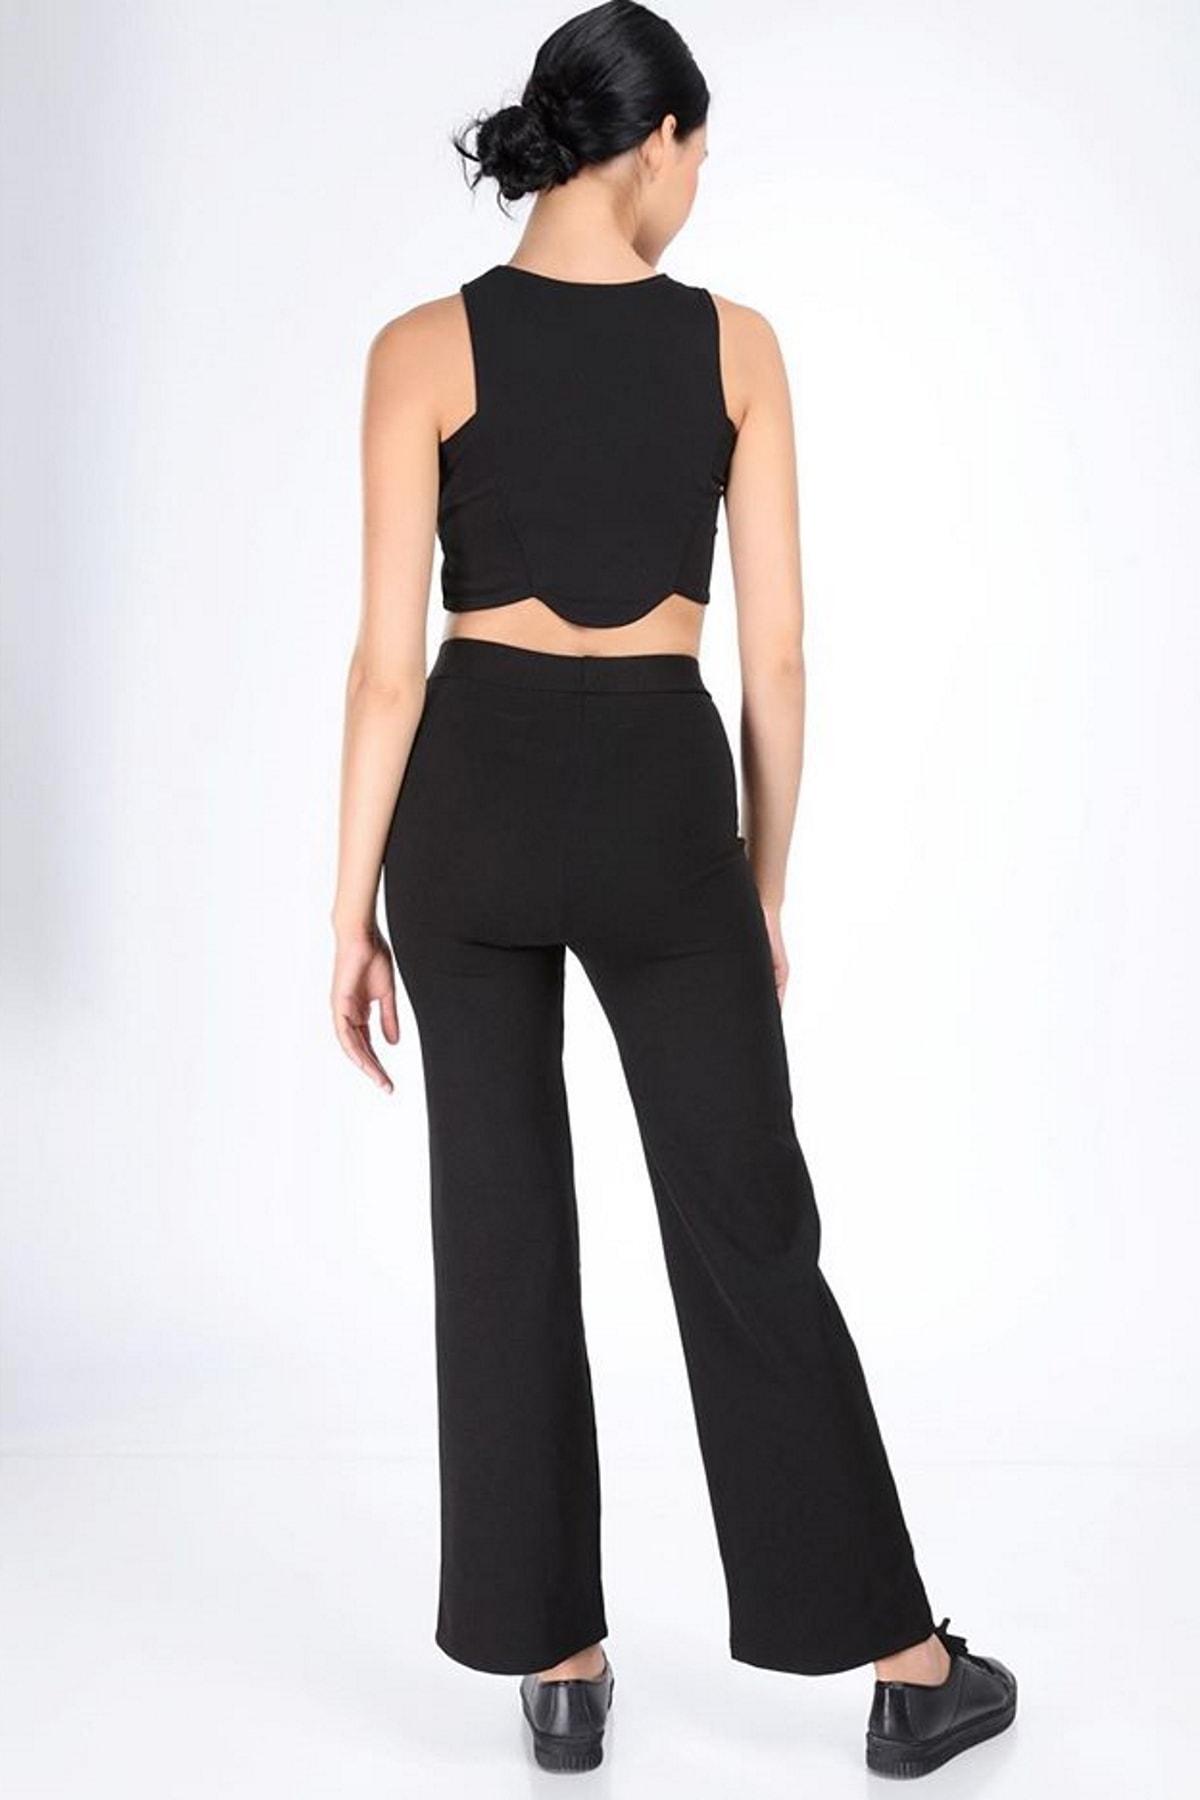 Hane14 Kadın Siyah Bol Paça Çelik Örme Toparlayıcı Pantolon   144013 2